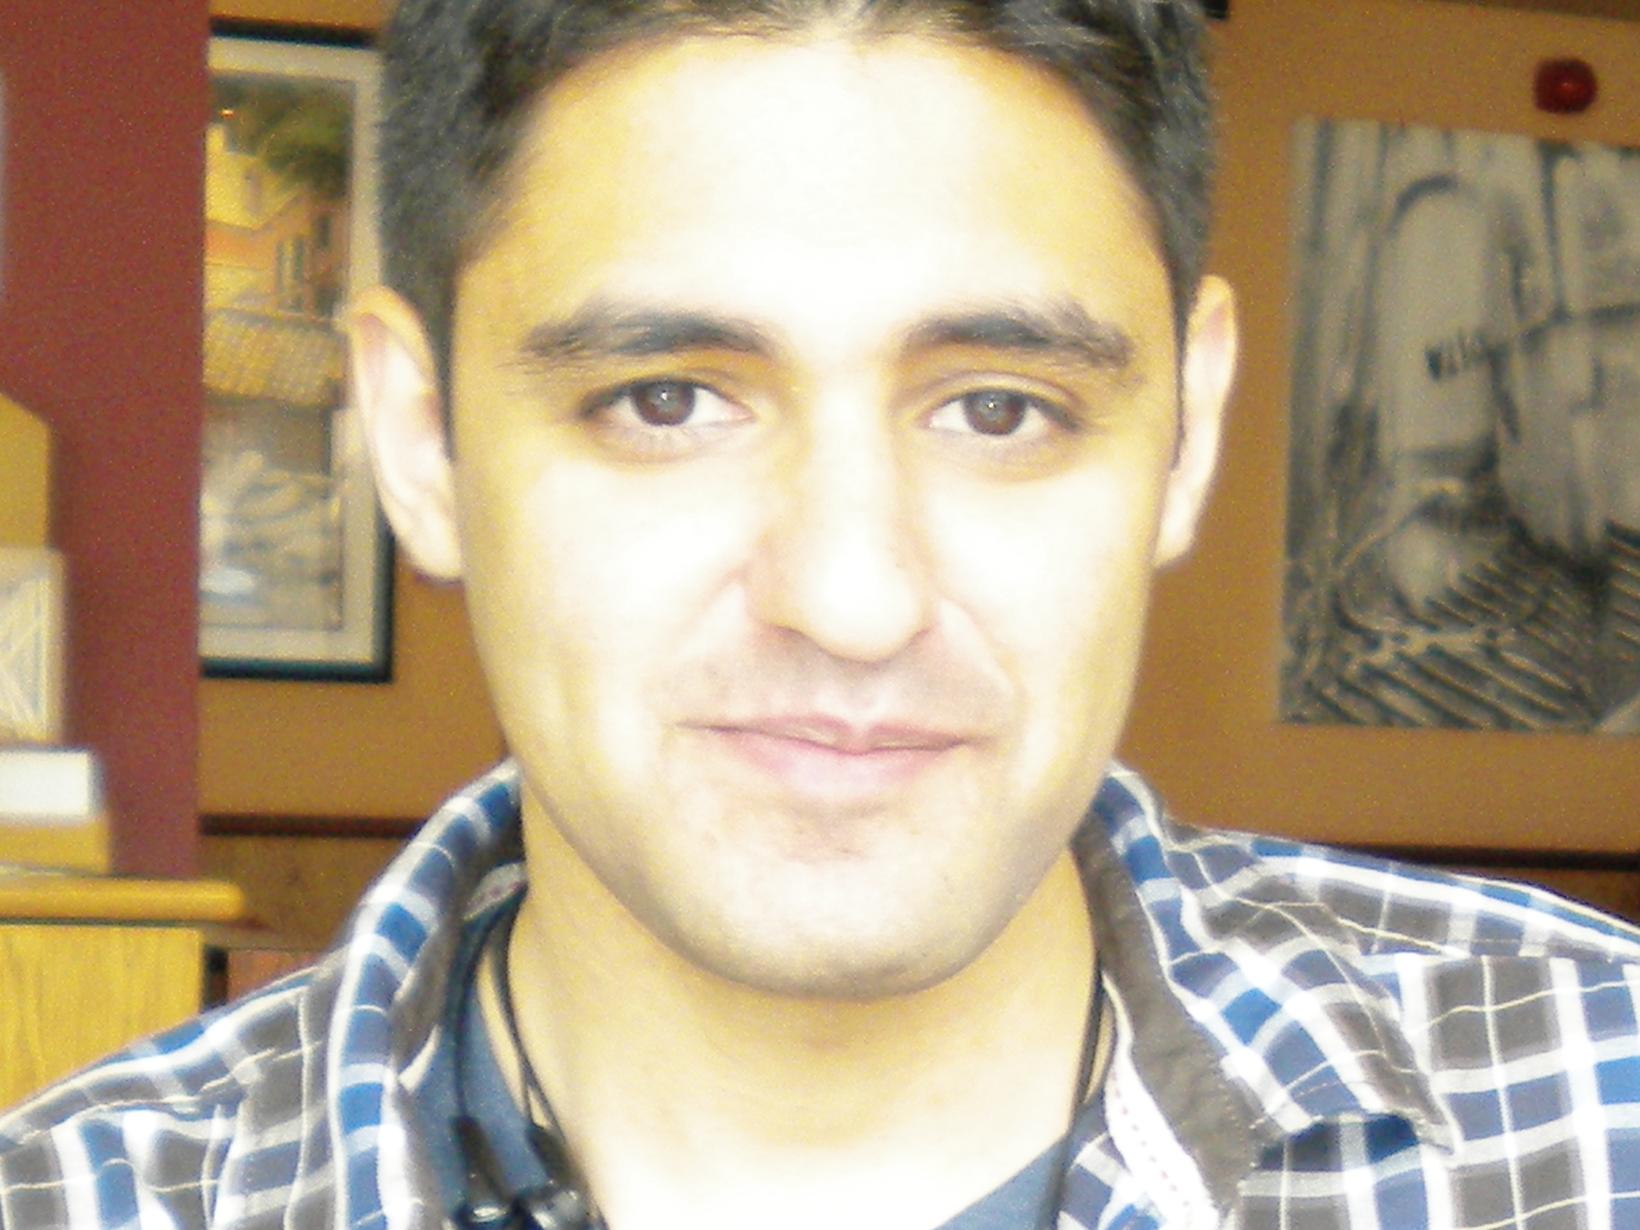 Rohit from Uxbridge, United Kingdom